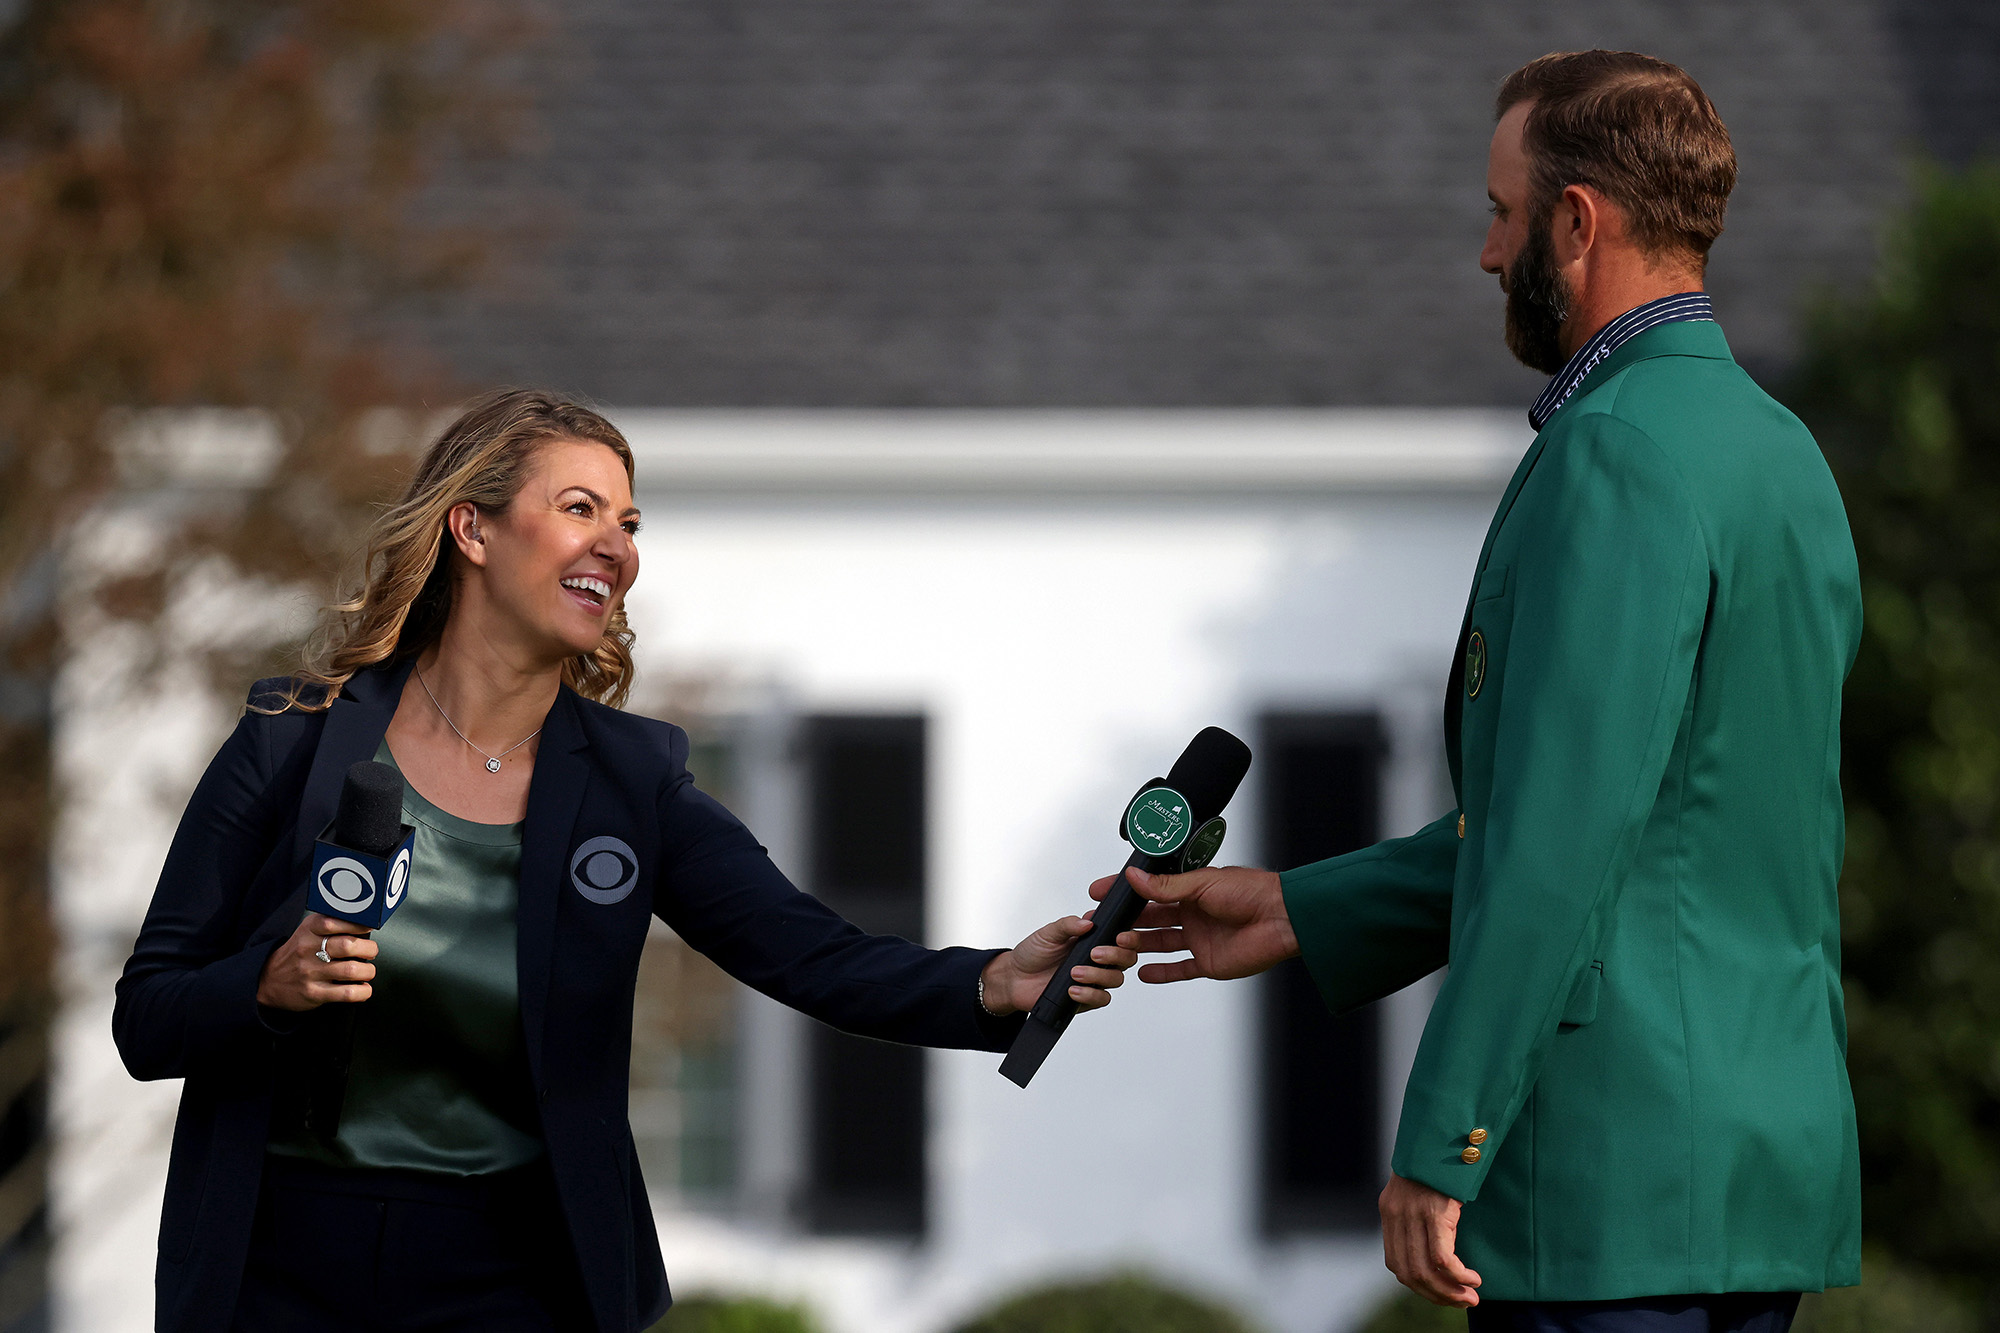 Dustin Johnson's emotional Masters interview shocked Amanda Balionis